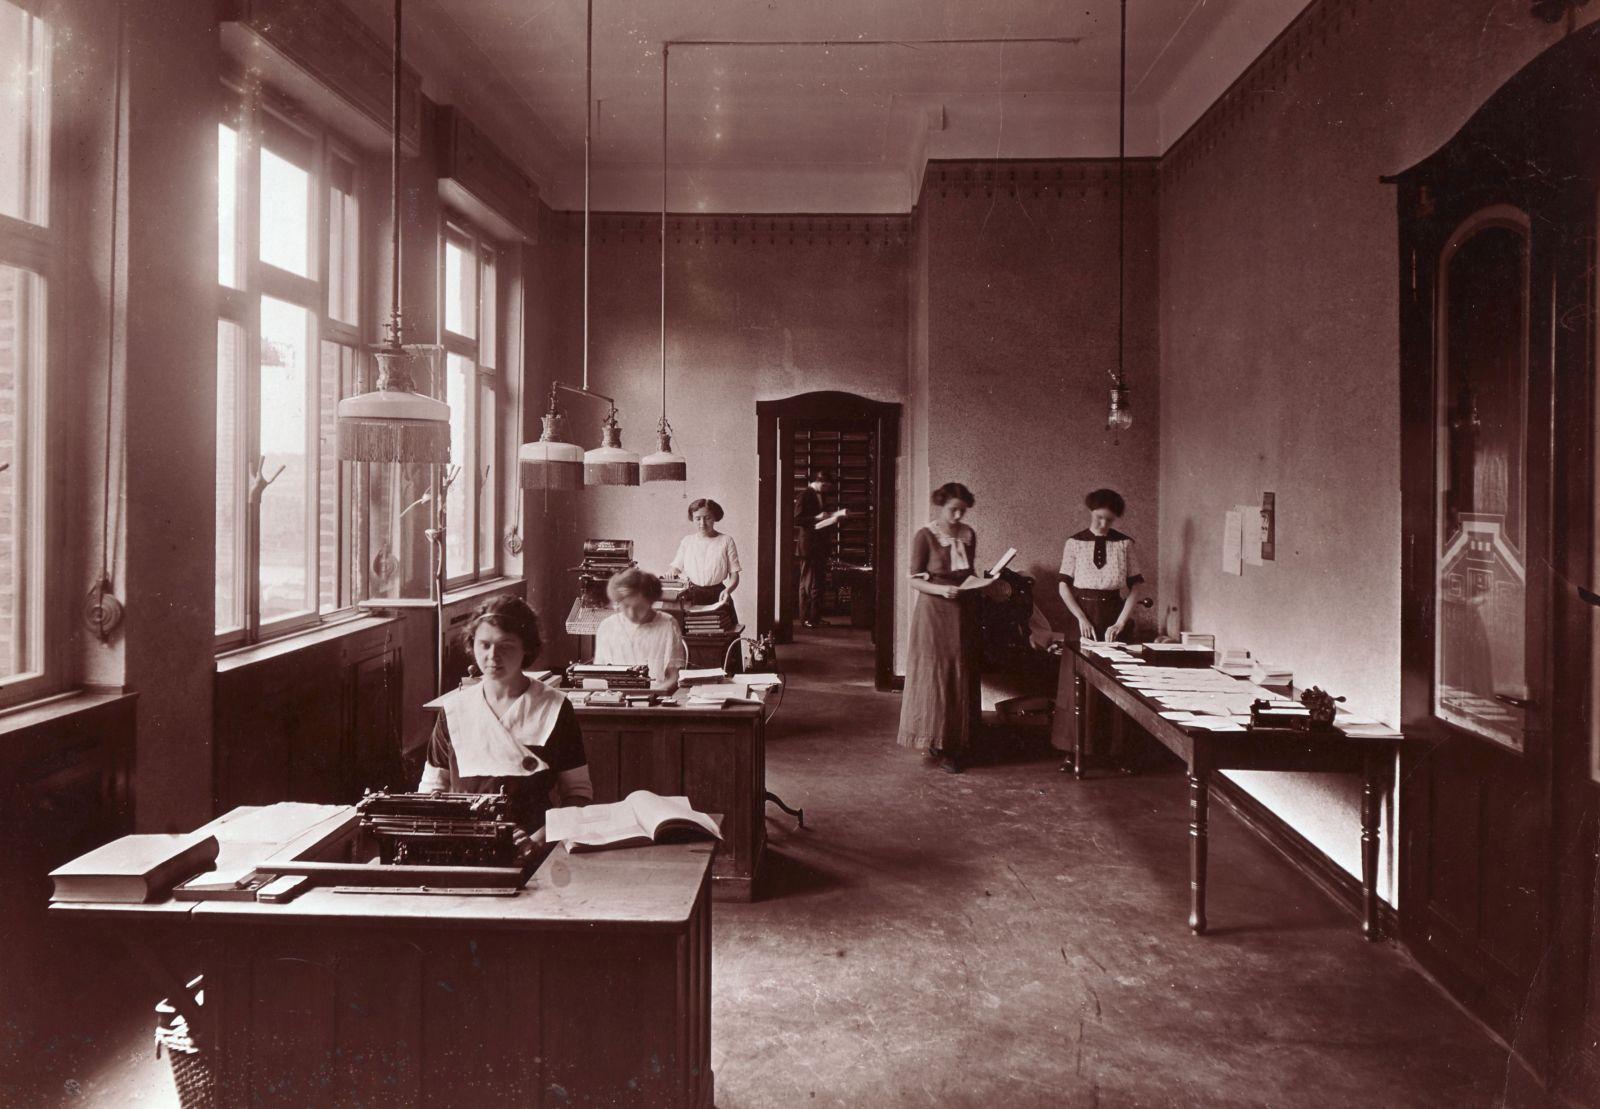 Bürokräfte waren ab 1906 die ersten weiblichen Angestellten. Das Foto aus Krefeld zeigt ein damals ganz modernes Schreibbüro, das typisch für die Zeit vor 1914 gewesen sein dürfte.